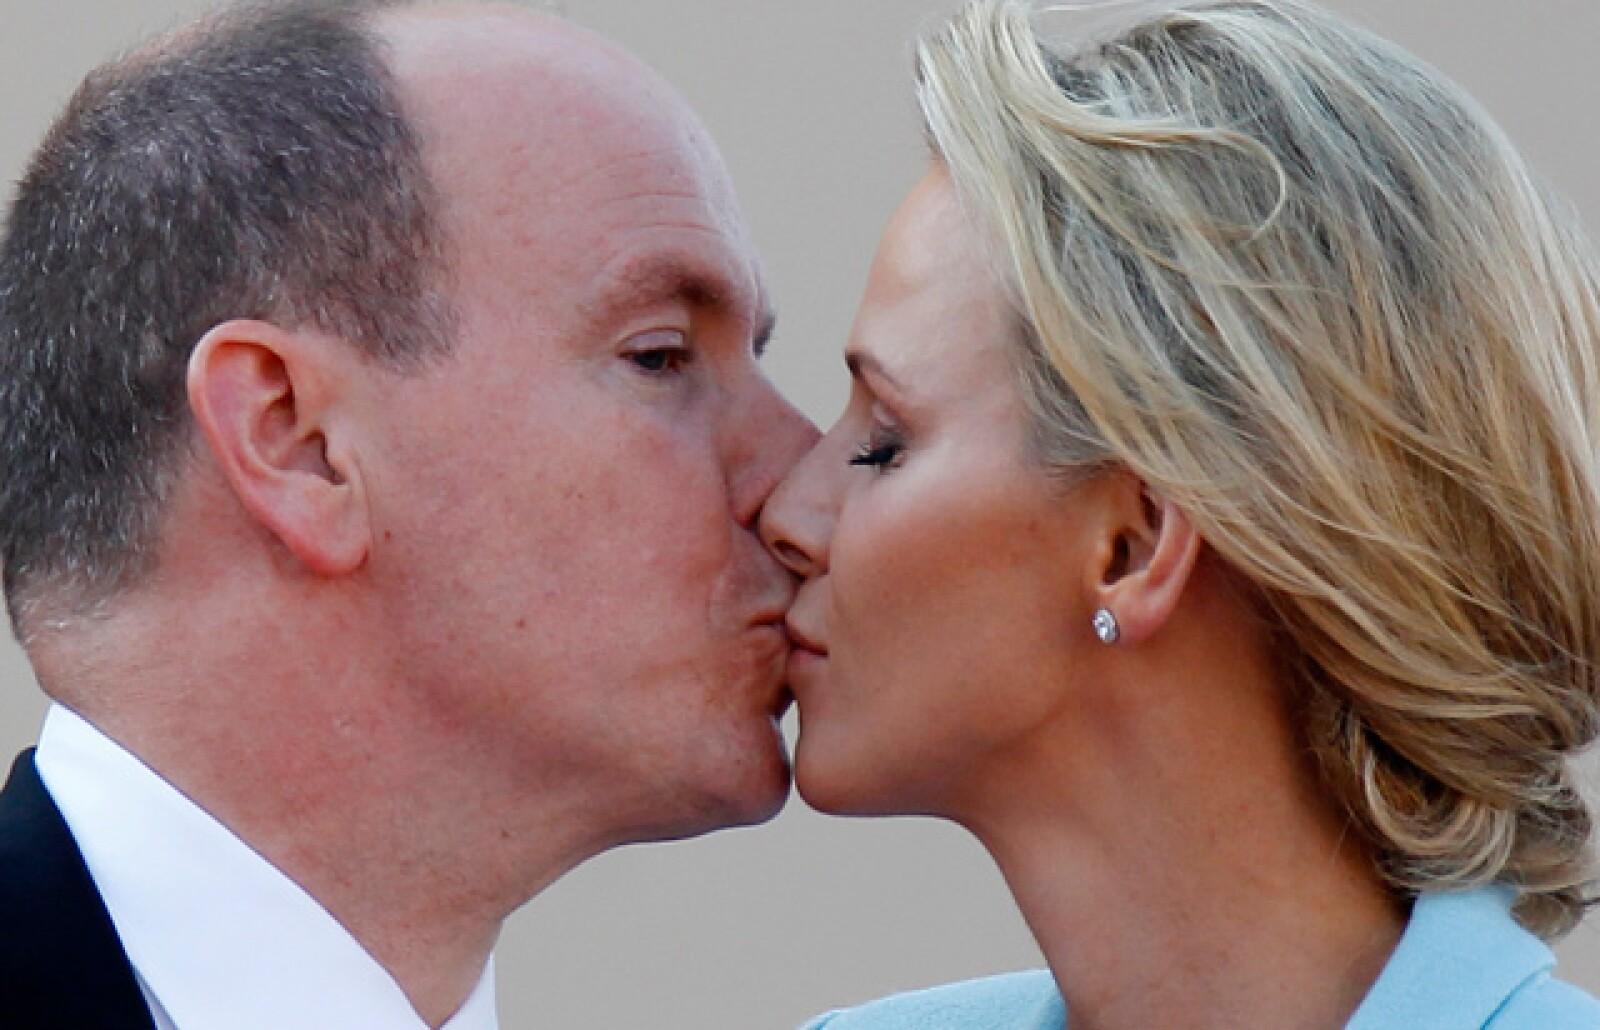 Otra imagen del beso, donde Alberto parece estar más atento a la foto.